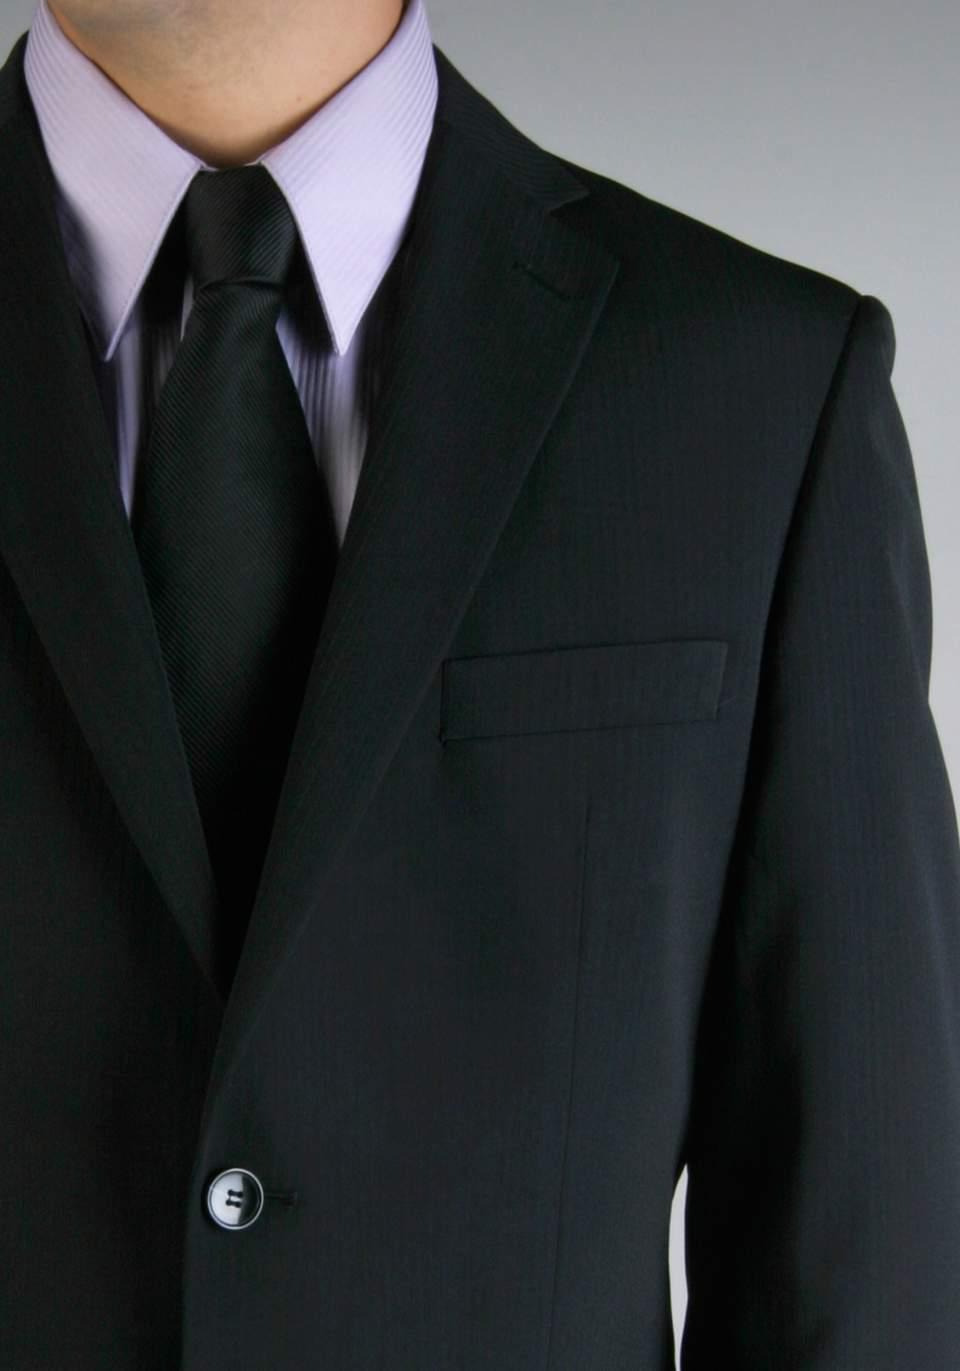 結婚式の二次会に参加する際のベストな服装は? 意外と悩みがちな問題も基礎を知れば、怖くない! 2番目の画像